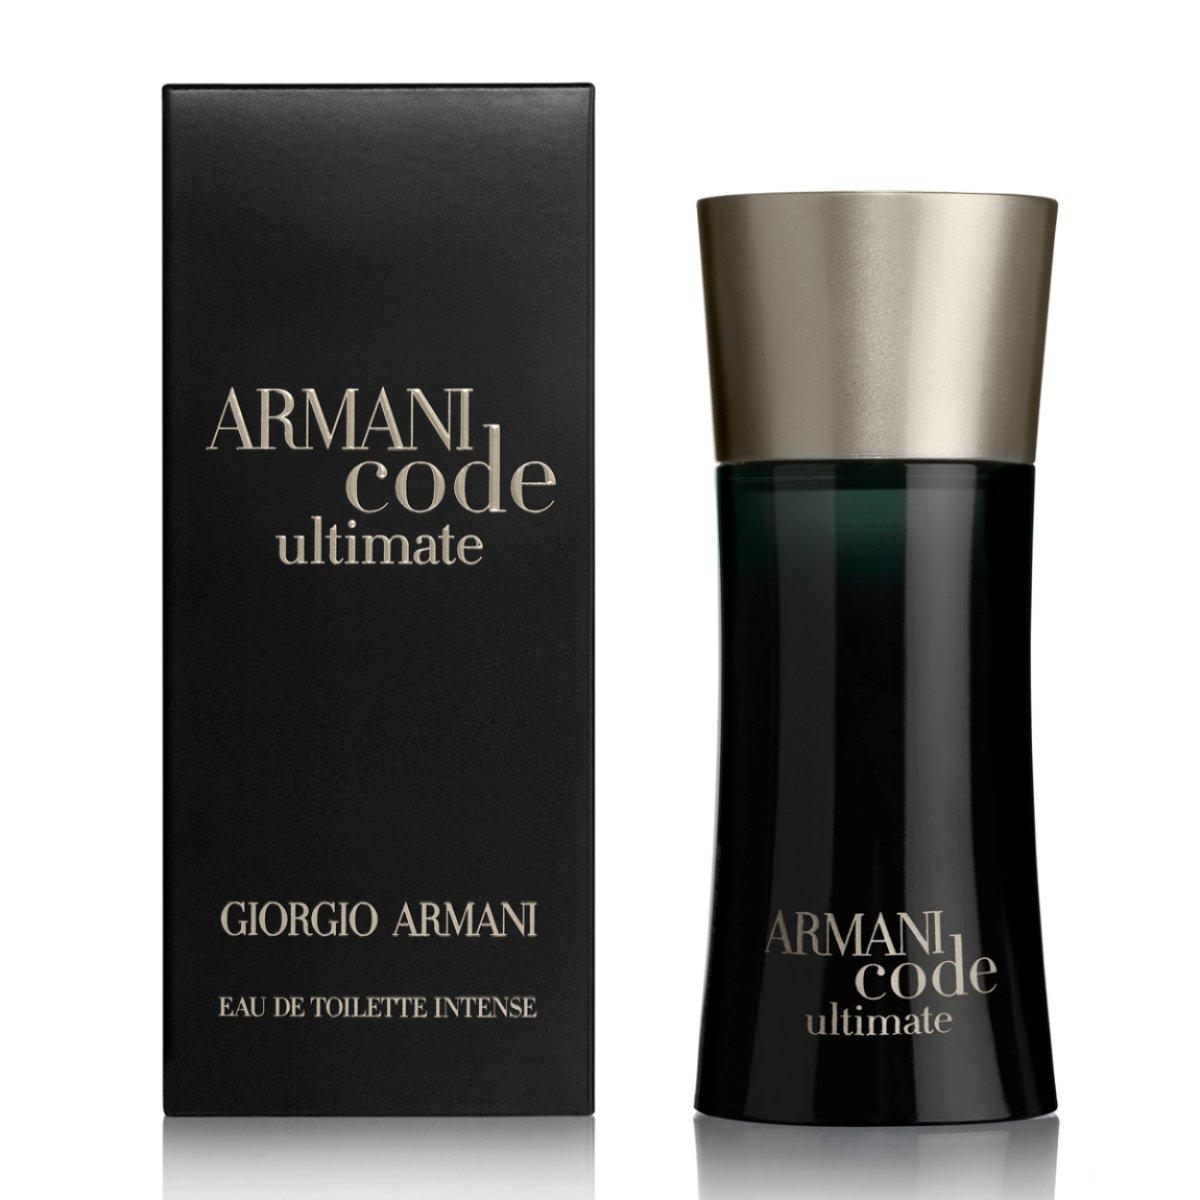 Giorgio Armani Code Ultimate Eau de Toilette Intense For Him 50ml